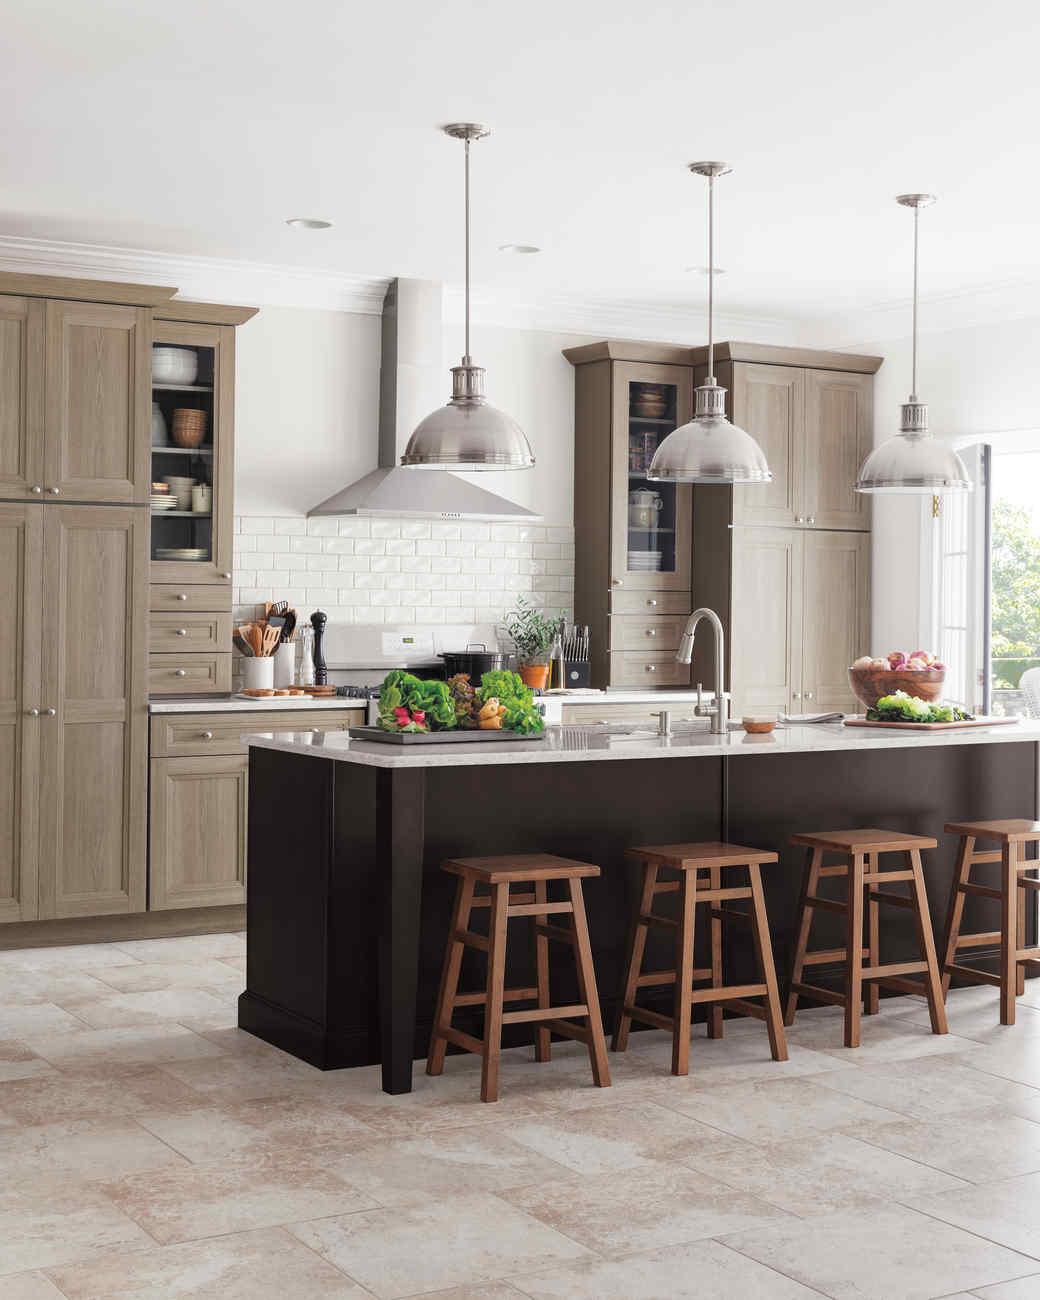 select your kitchen style martha stewart rh marthastewart com Martha Stewart Cabinet Line Martha Stewart Bathroom Cabinets